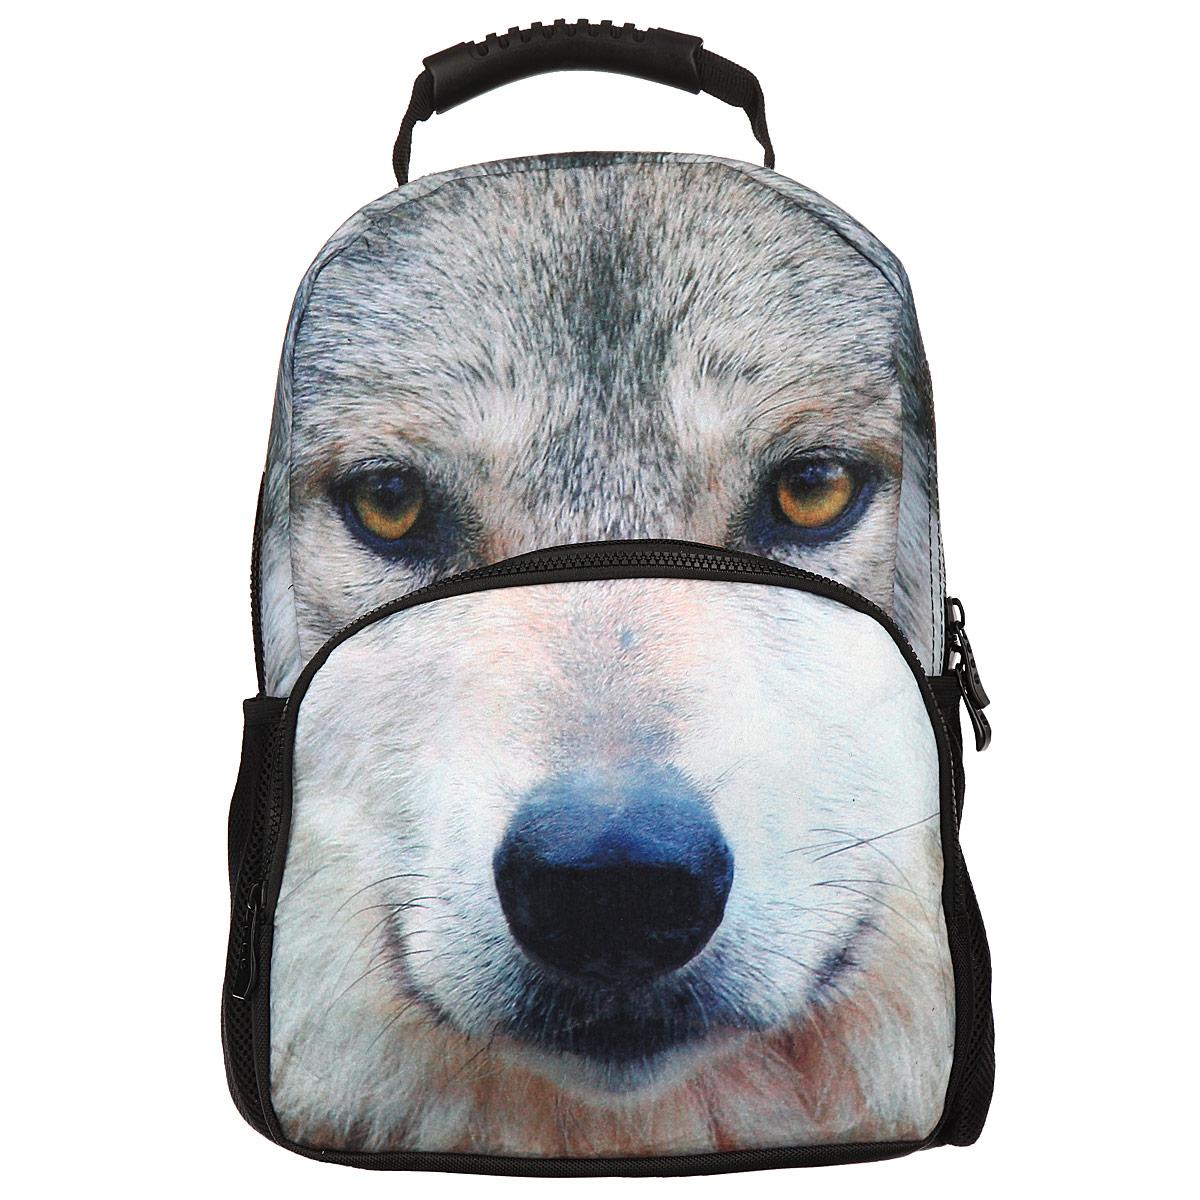 Рюкзак школьный Trend Line Wolf, цвет: черный. NR_00046NR_00046Стильный школьный рюкзак Trend Line выполнен из полиэстера, дополнен вставкой из флиса, которая оформлена художественной печатью с изображением Wolf. Рюкзак имеет одно основное отделение, закрывающееся на застежку-молнию. Снаружи, на лицевой стороне, рюкзака размещен накладной карман на молнии, внутри которого предусмотрен еще один накладной карман на липучке. С двух сторон изделия расположены два накладных сетчатых кармашка. В верхней части изделия предусмотрена эргономичная ручка для переноски, а также предусмотрены регулируемые лямки. Такой рюкзак станет незаменимым спутником вашего ребенка в походах за знаниями.